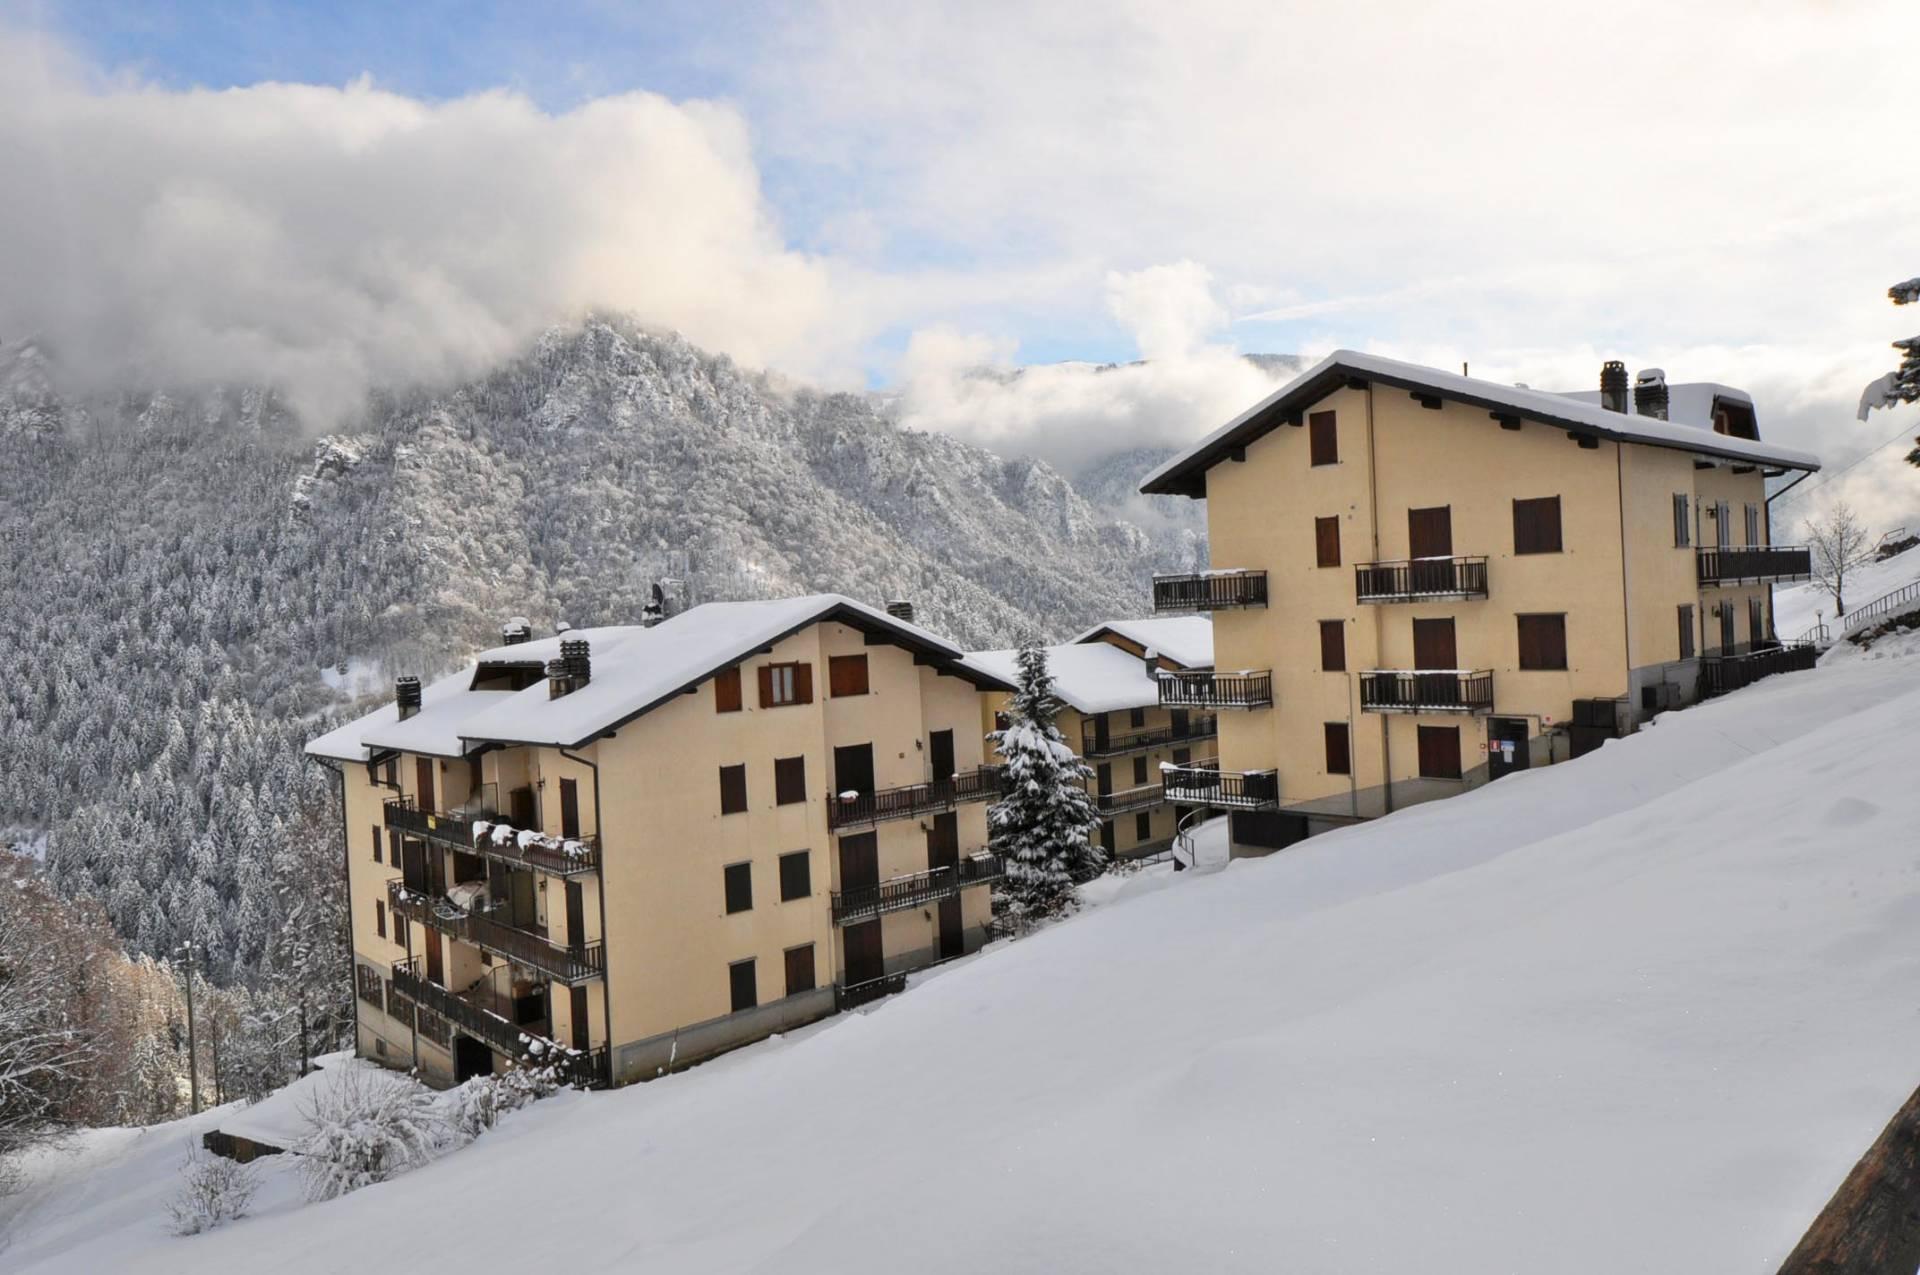 Appartamento in vendita a Mezzoldo, 3 locali, prezzo € 36.500 | Cambio Casa.it